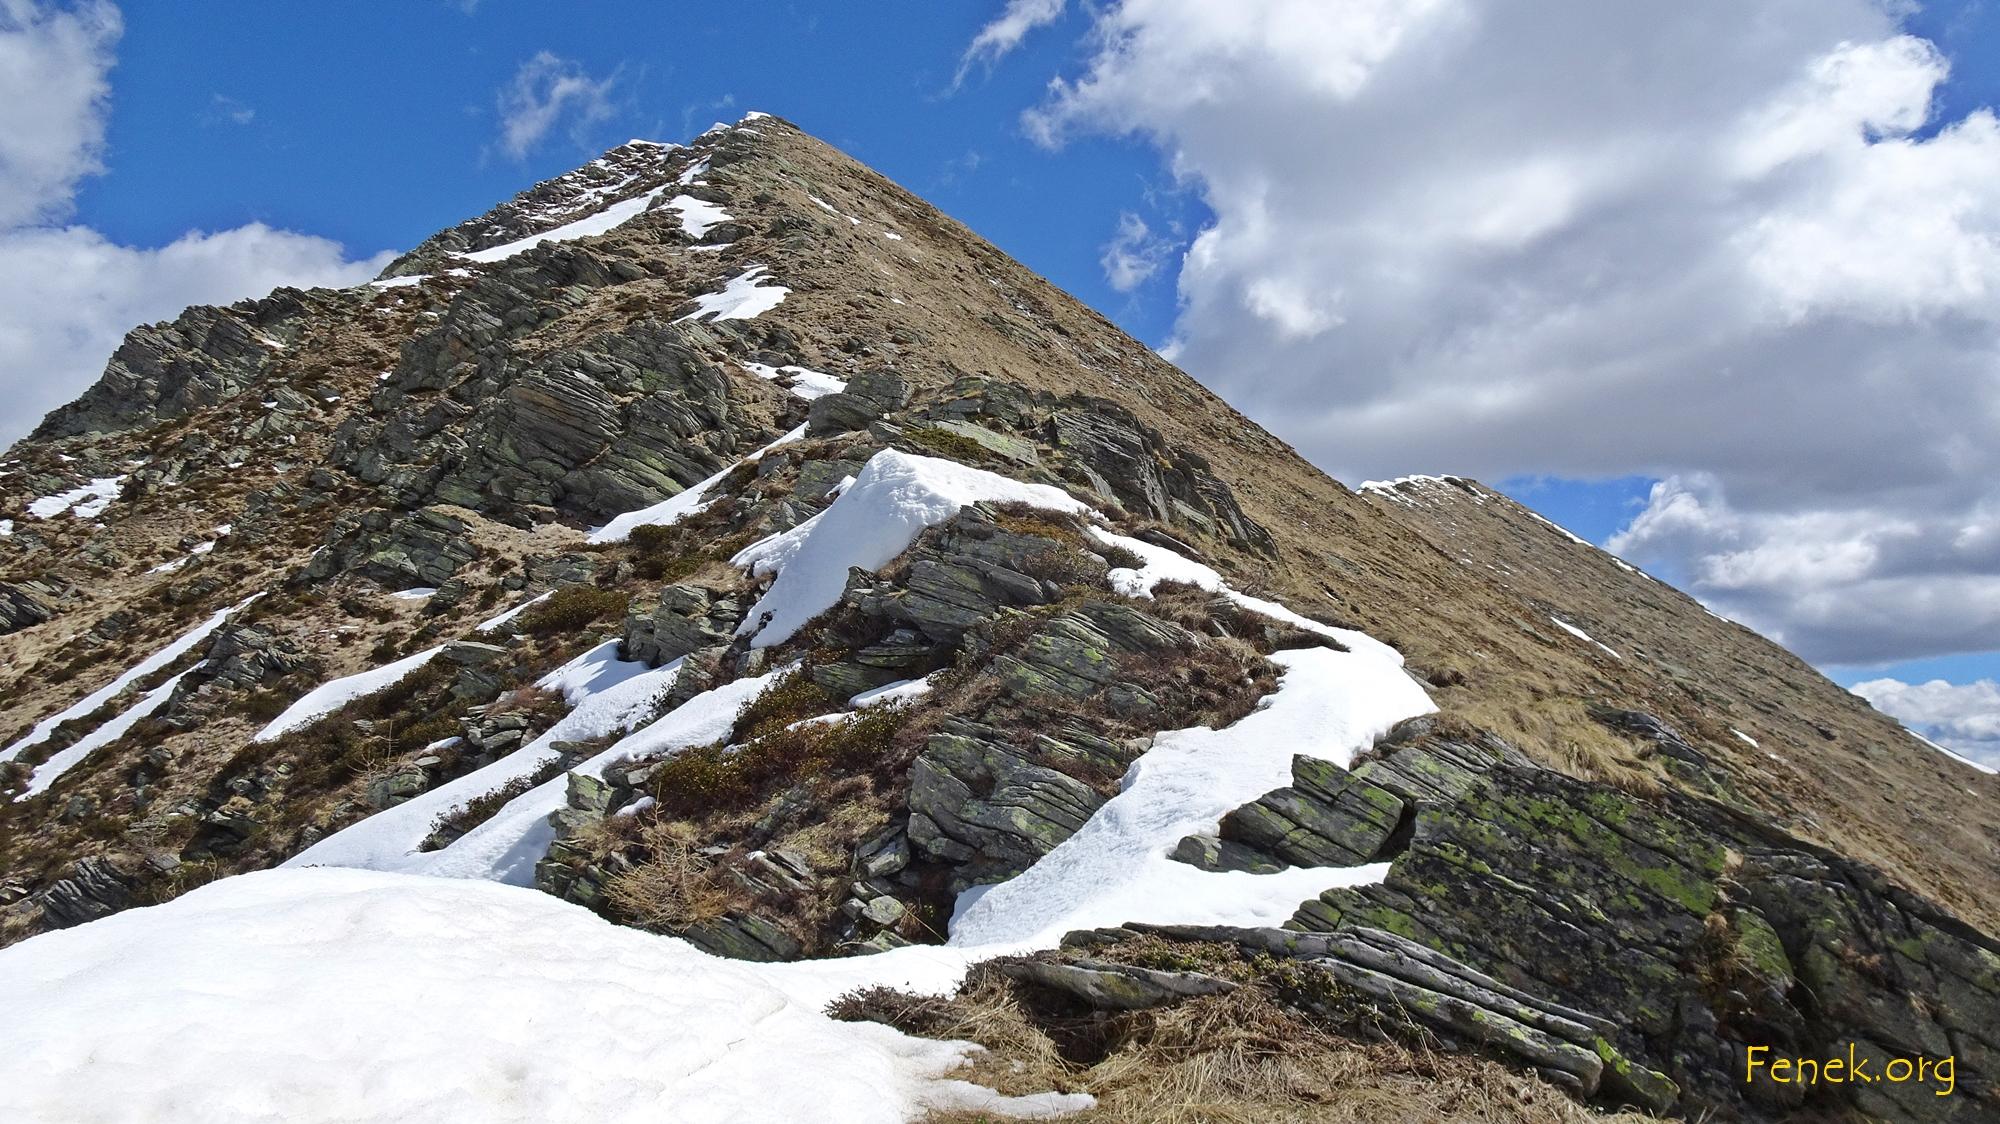 bald ist der Vorgipfel erreicht - rechts der 1m höhere Gipfel